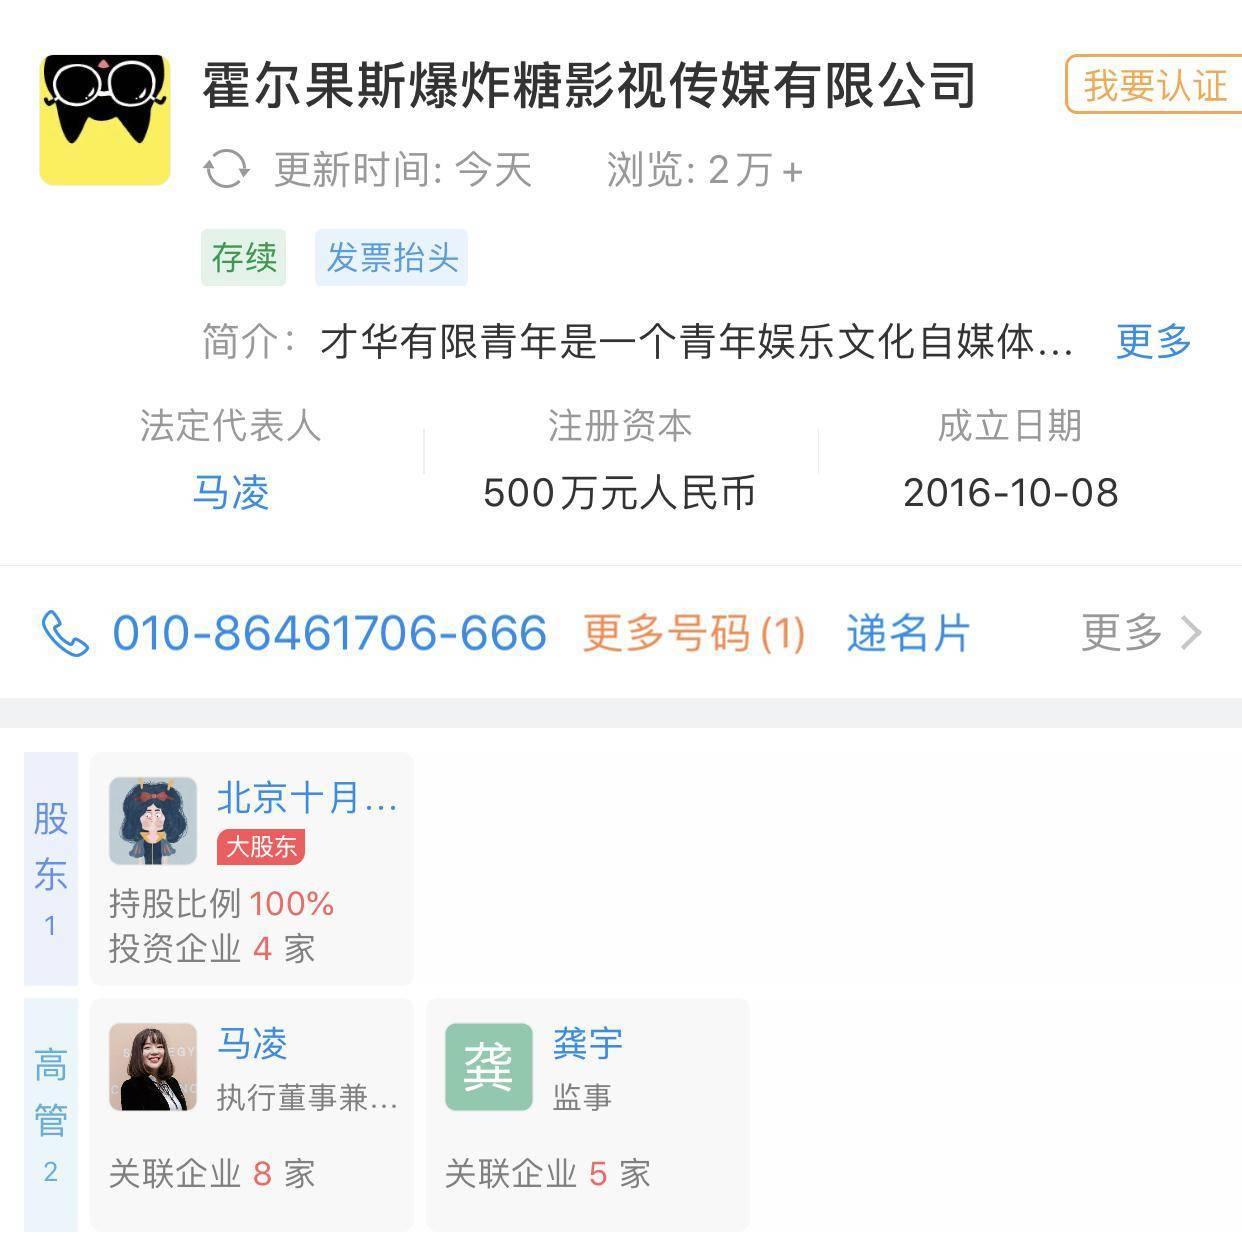 """咪蒙团队疑似复出 迁移至新账号""""洪胖胖"""""""